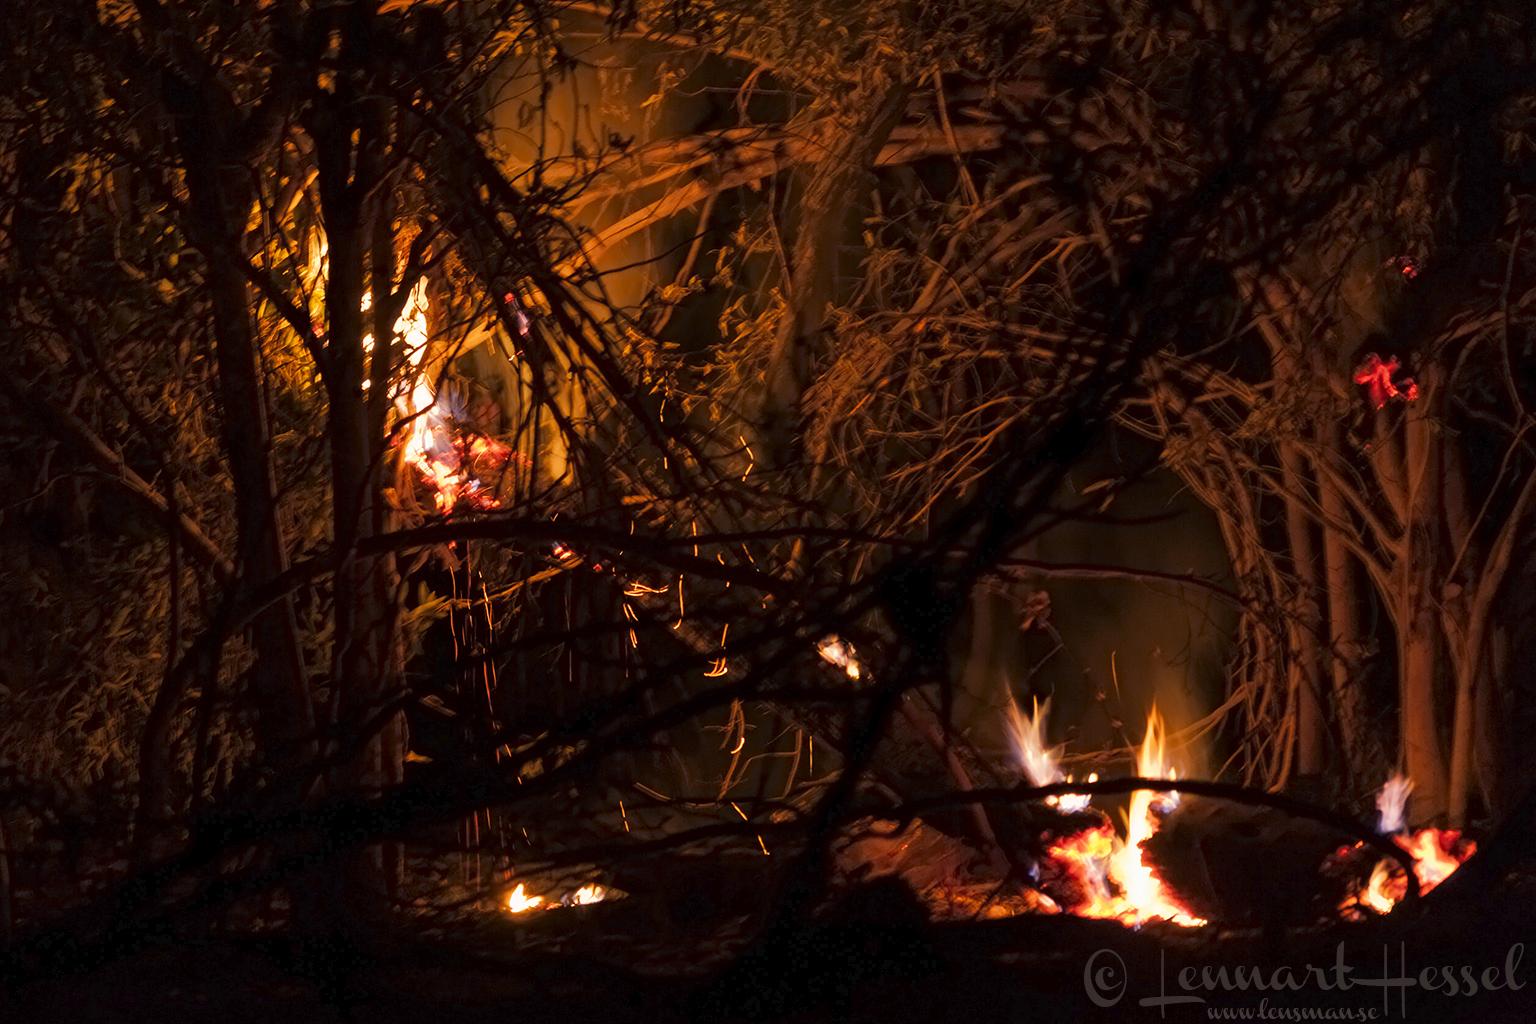 Khwai is burning in Khwai Community Area, Botswana